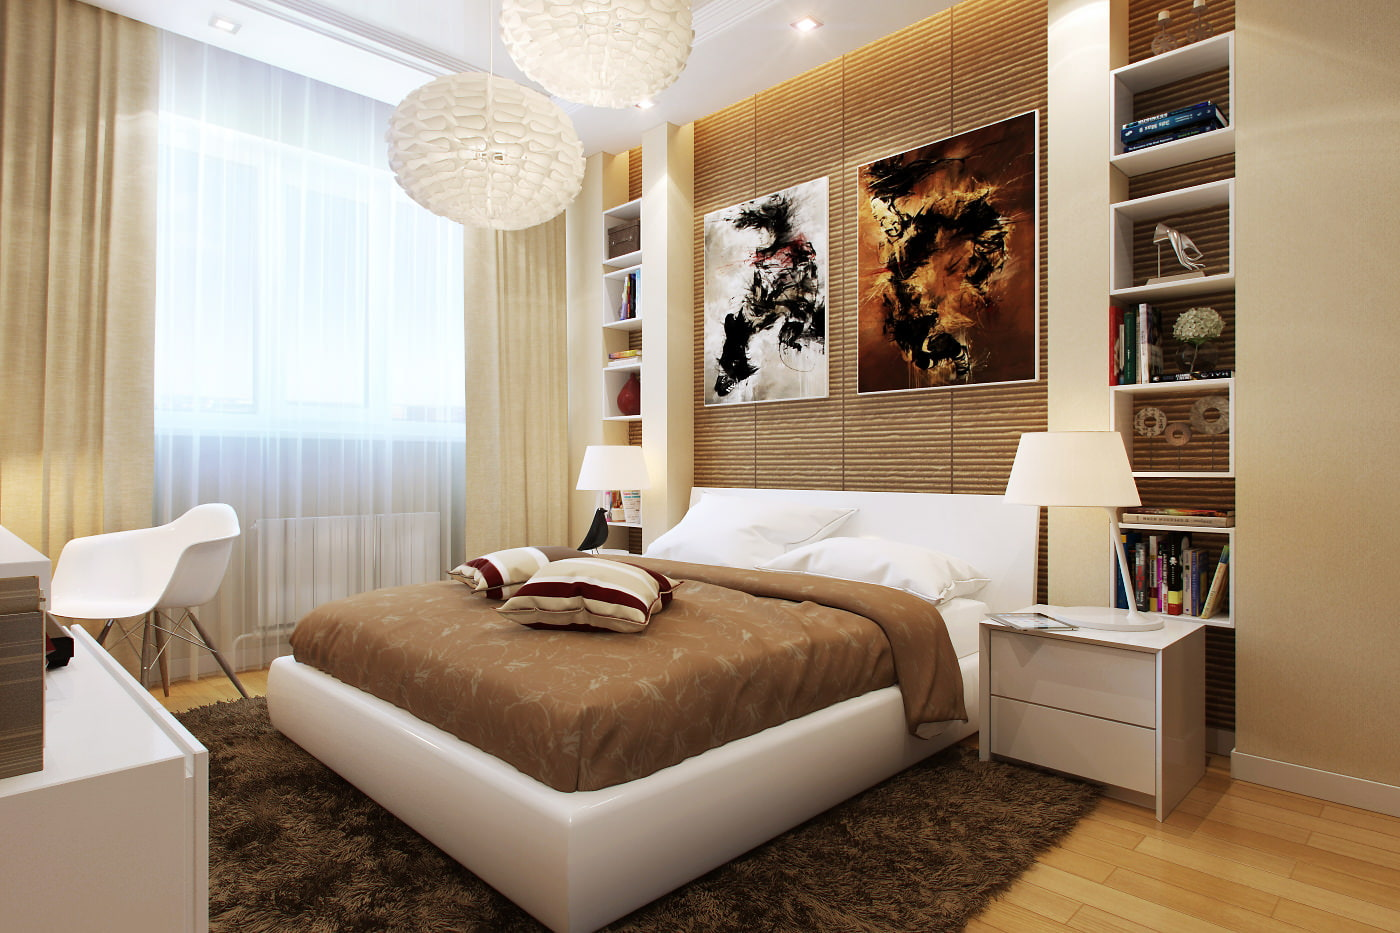 Интерьер спальни в современном стиле в частном доме фото